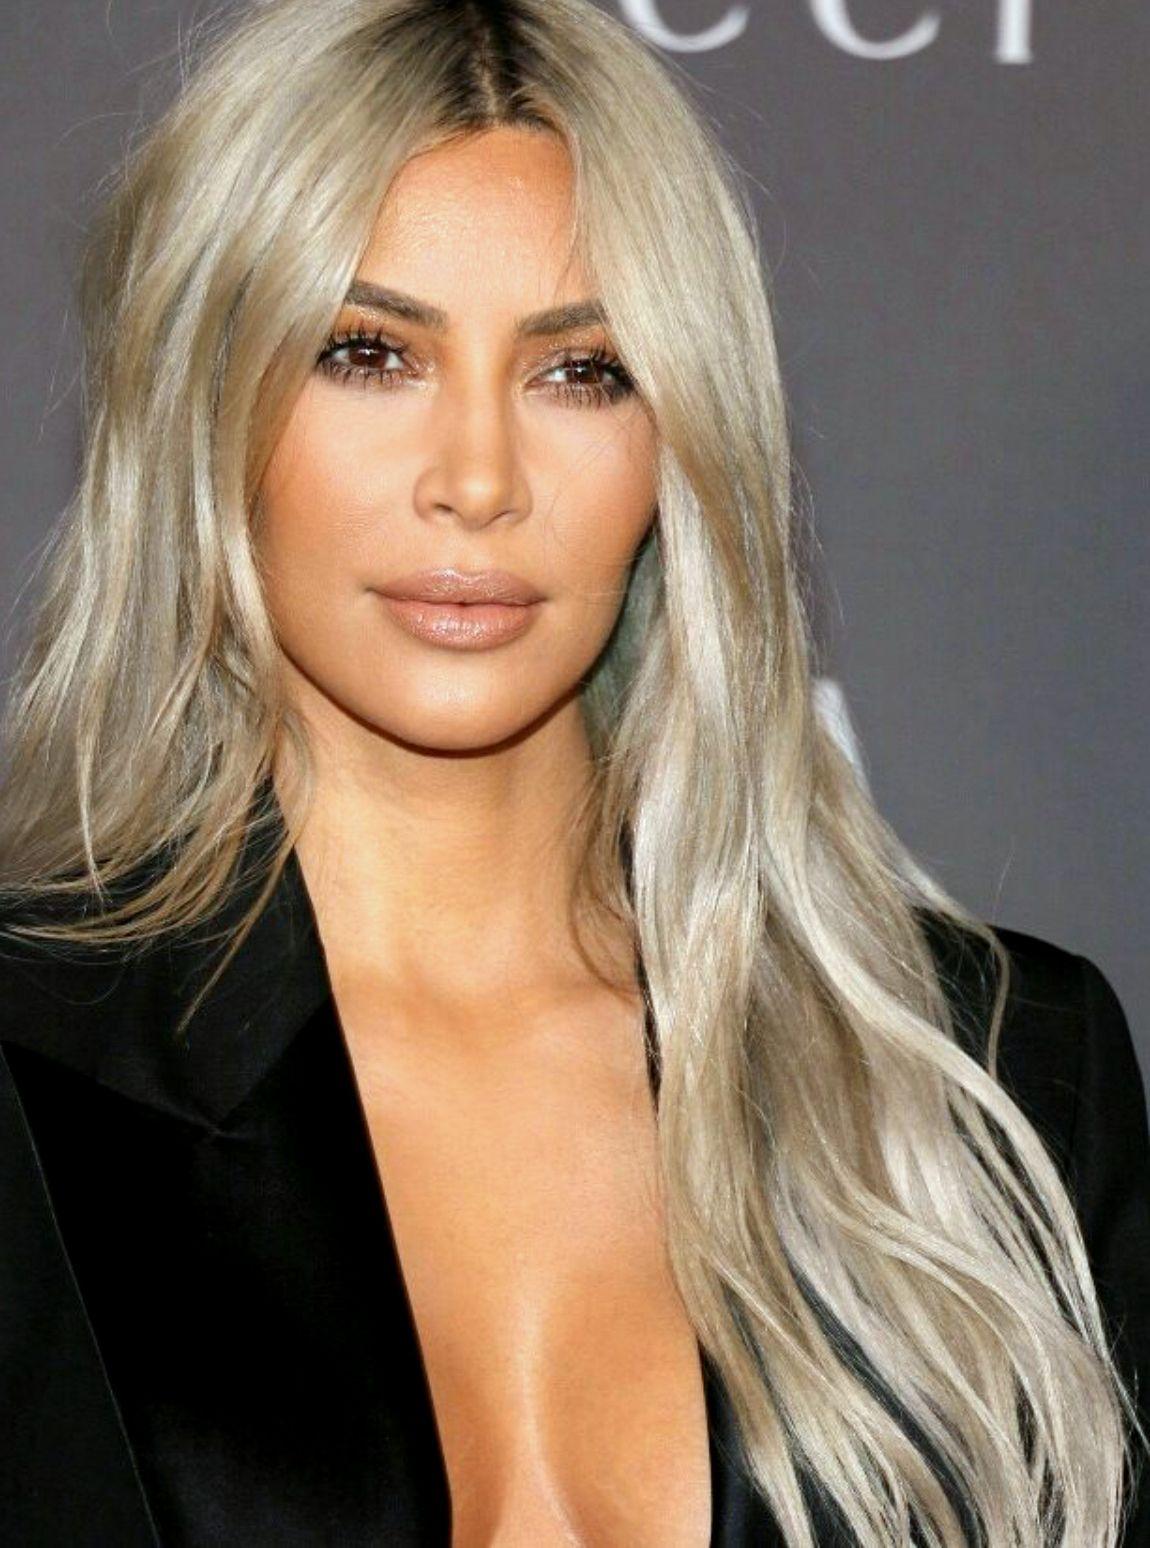 Pinterest Deborahpraha Kim Kardashian Platinum Blonde Hair Haircolor Platinum Blonde Kimkardashian Kkw Beauty Kim Kardashian Makeup Kim K Blonde